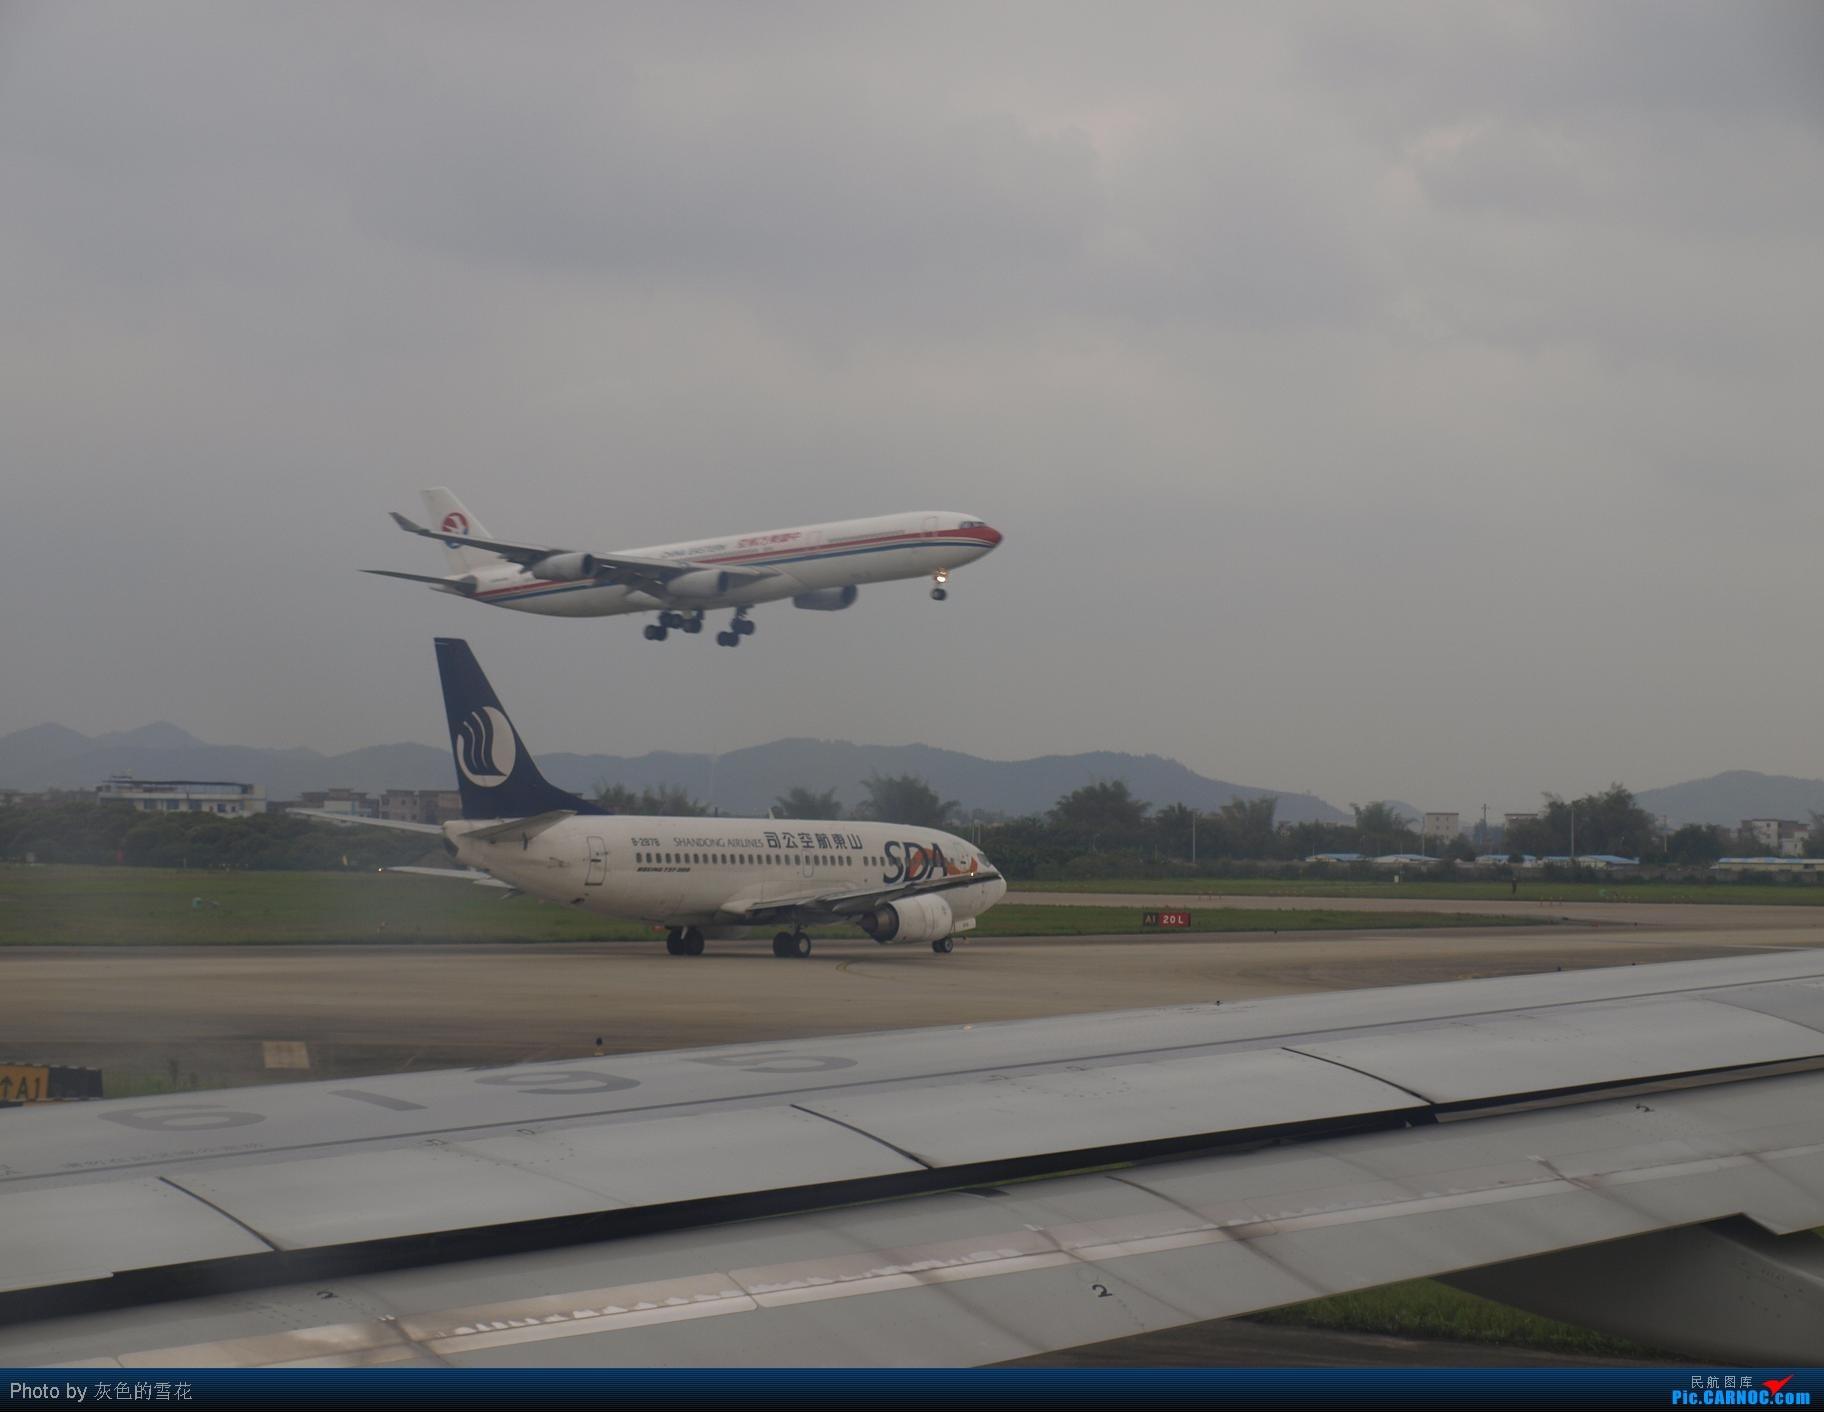 re:最新广州白云机场鸟瞰图